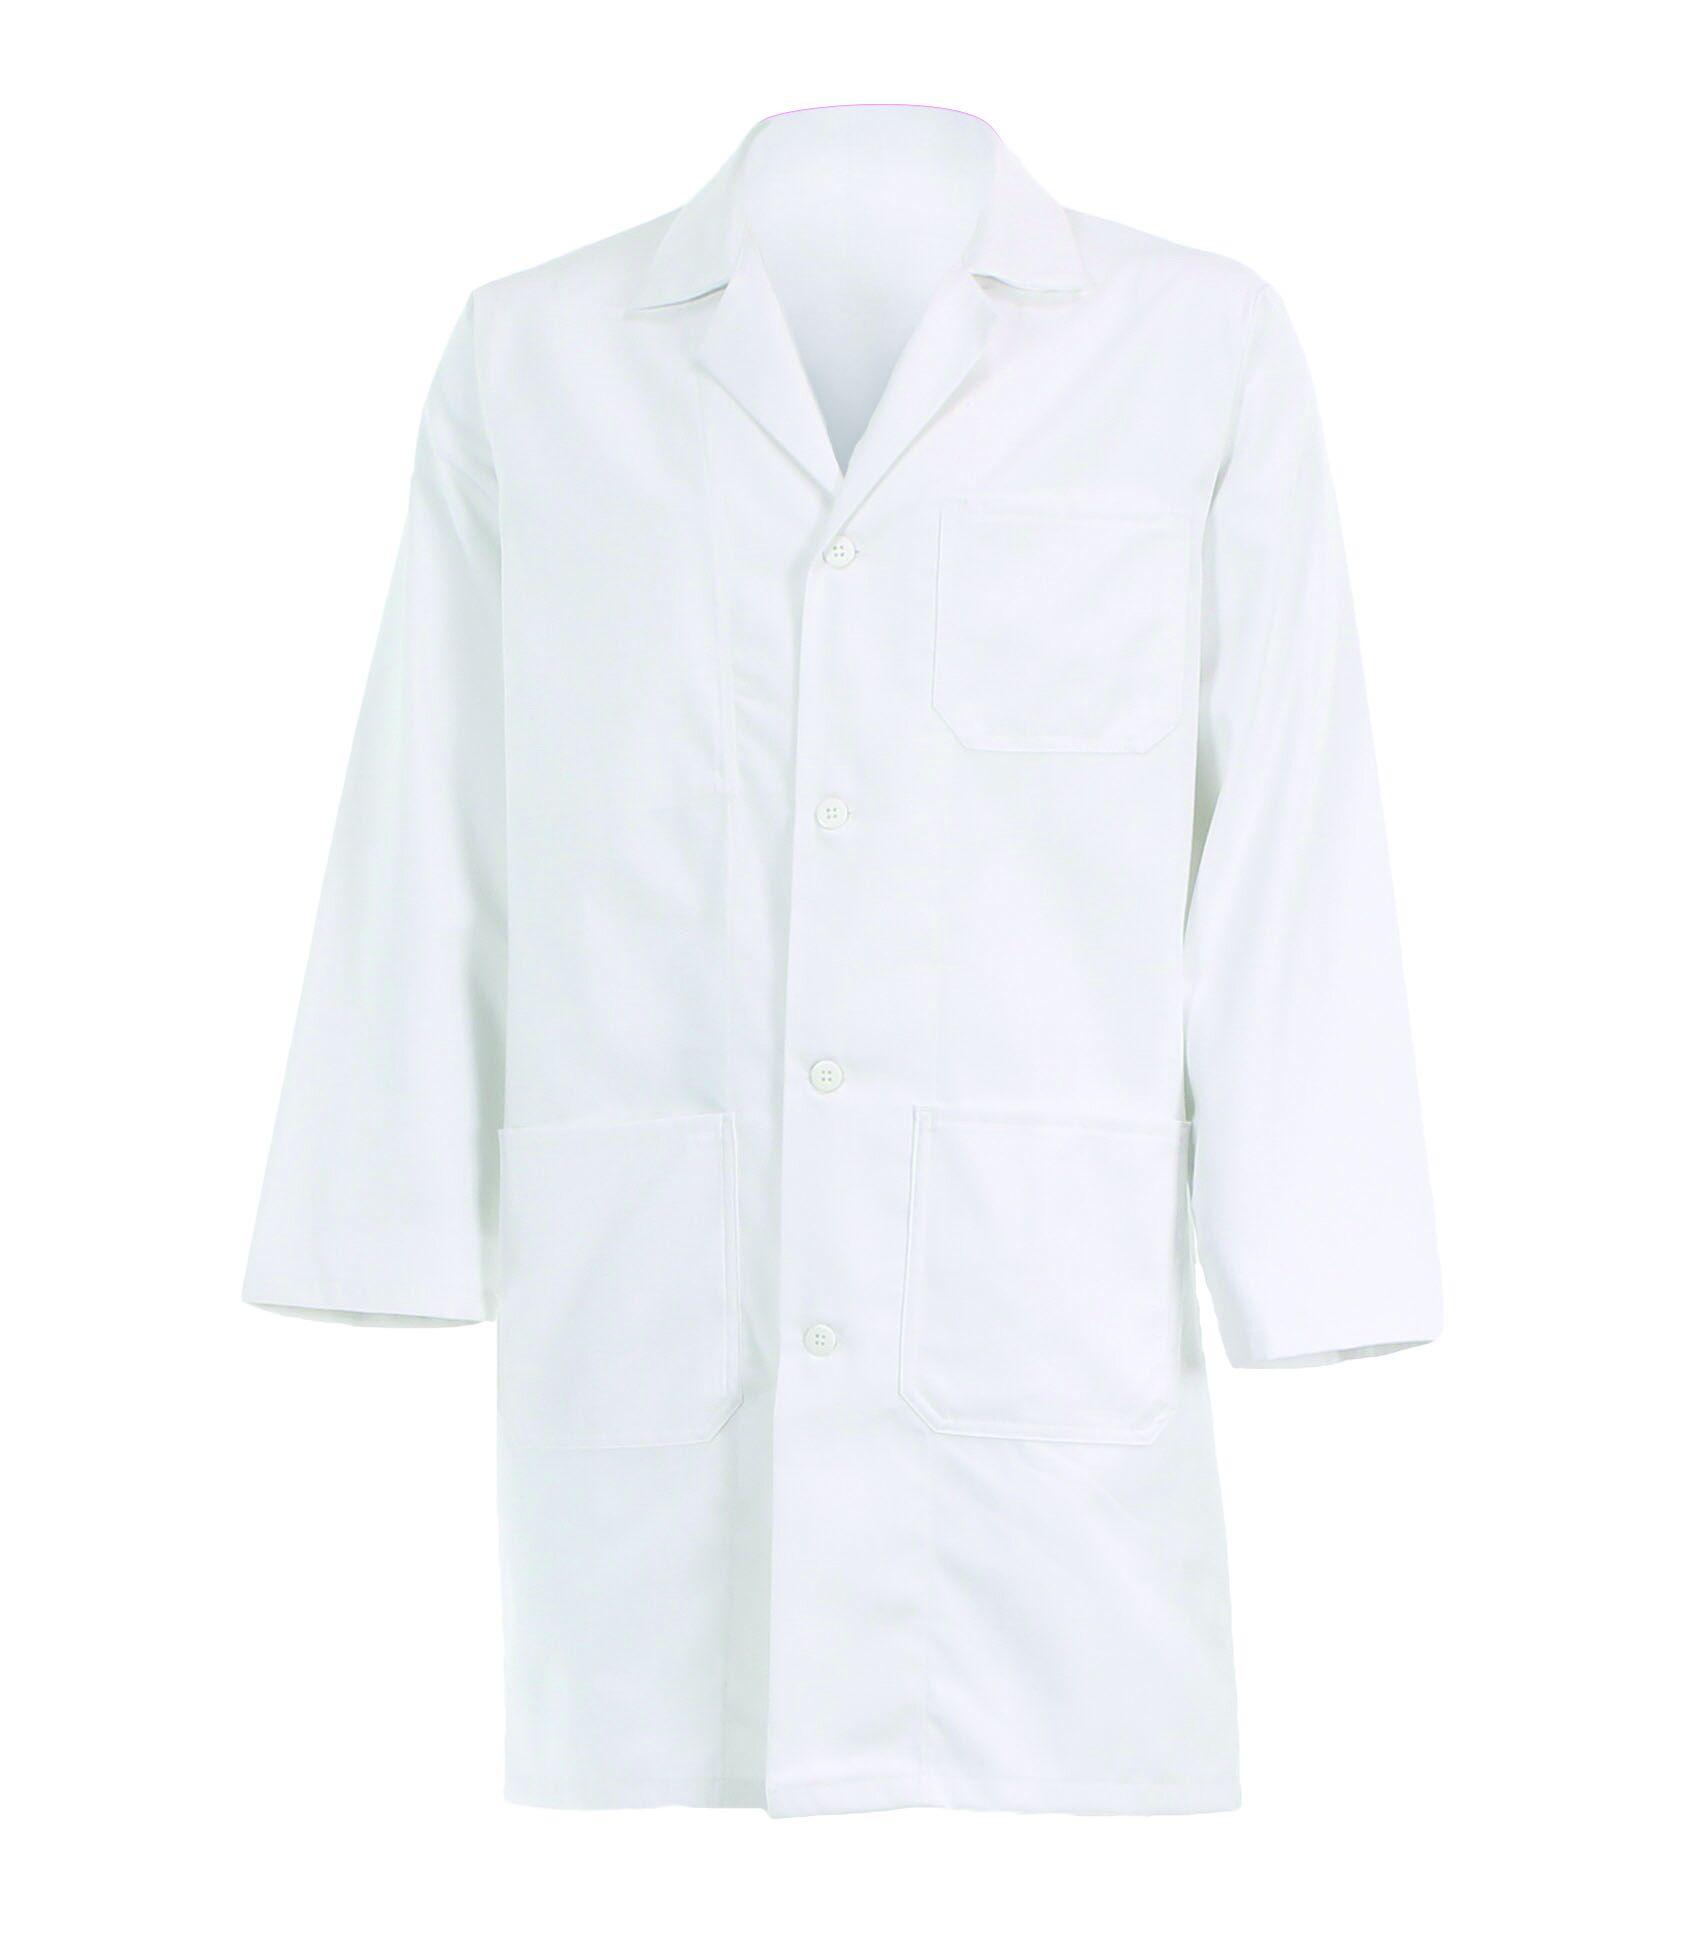 """CEPOVETT """"Blouse de travail coton  blanc 1 er prix"""""""